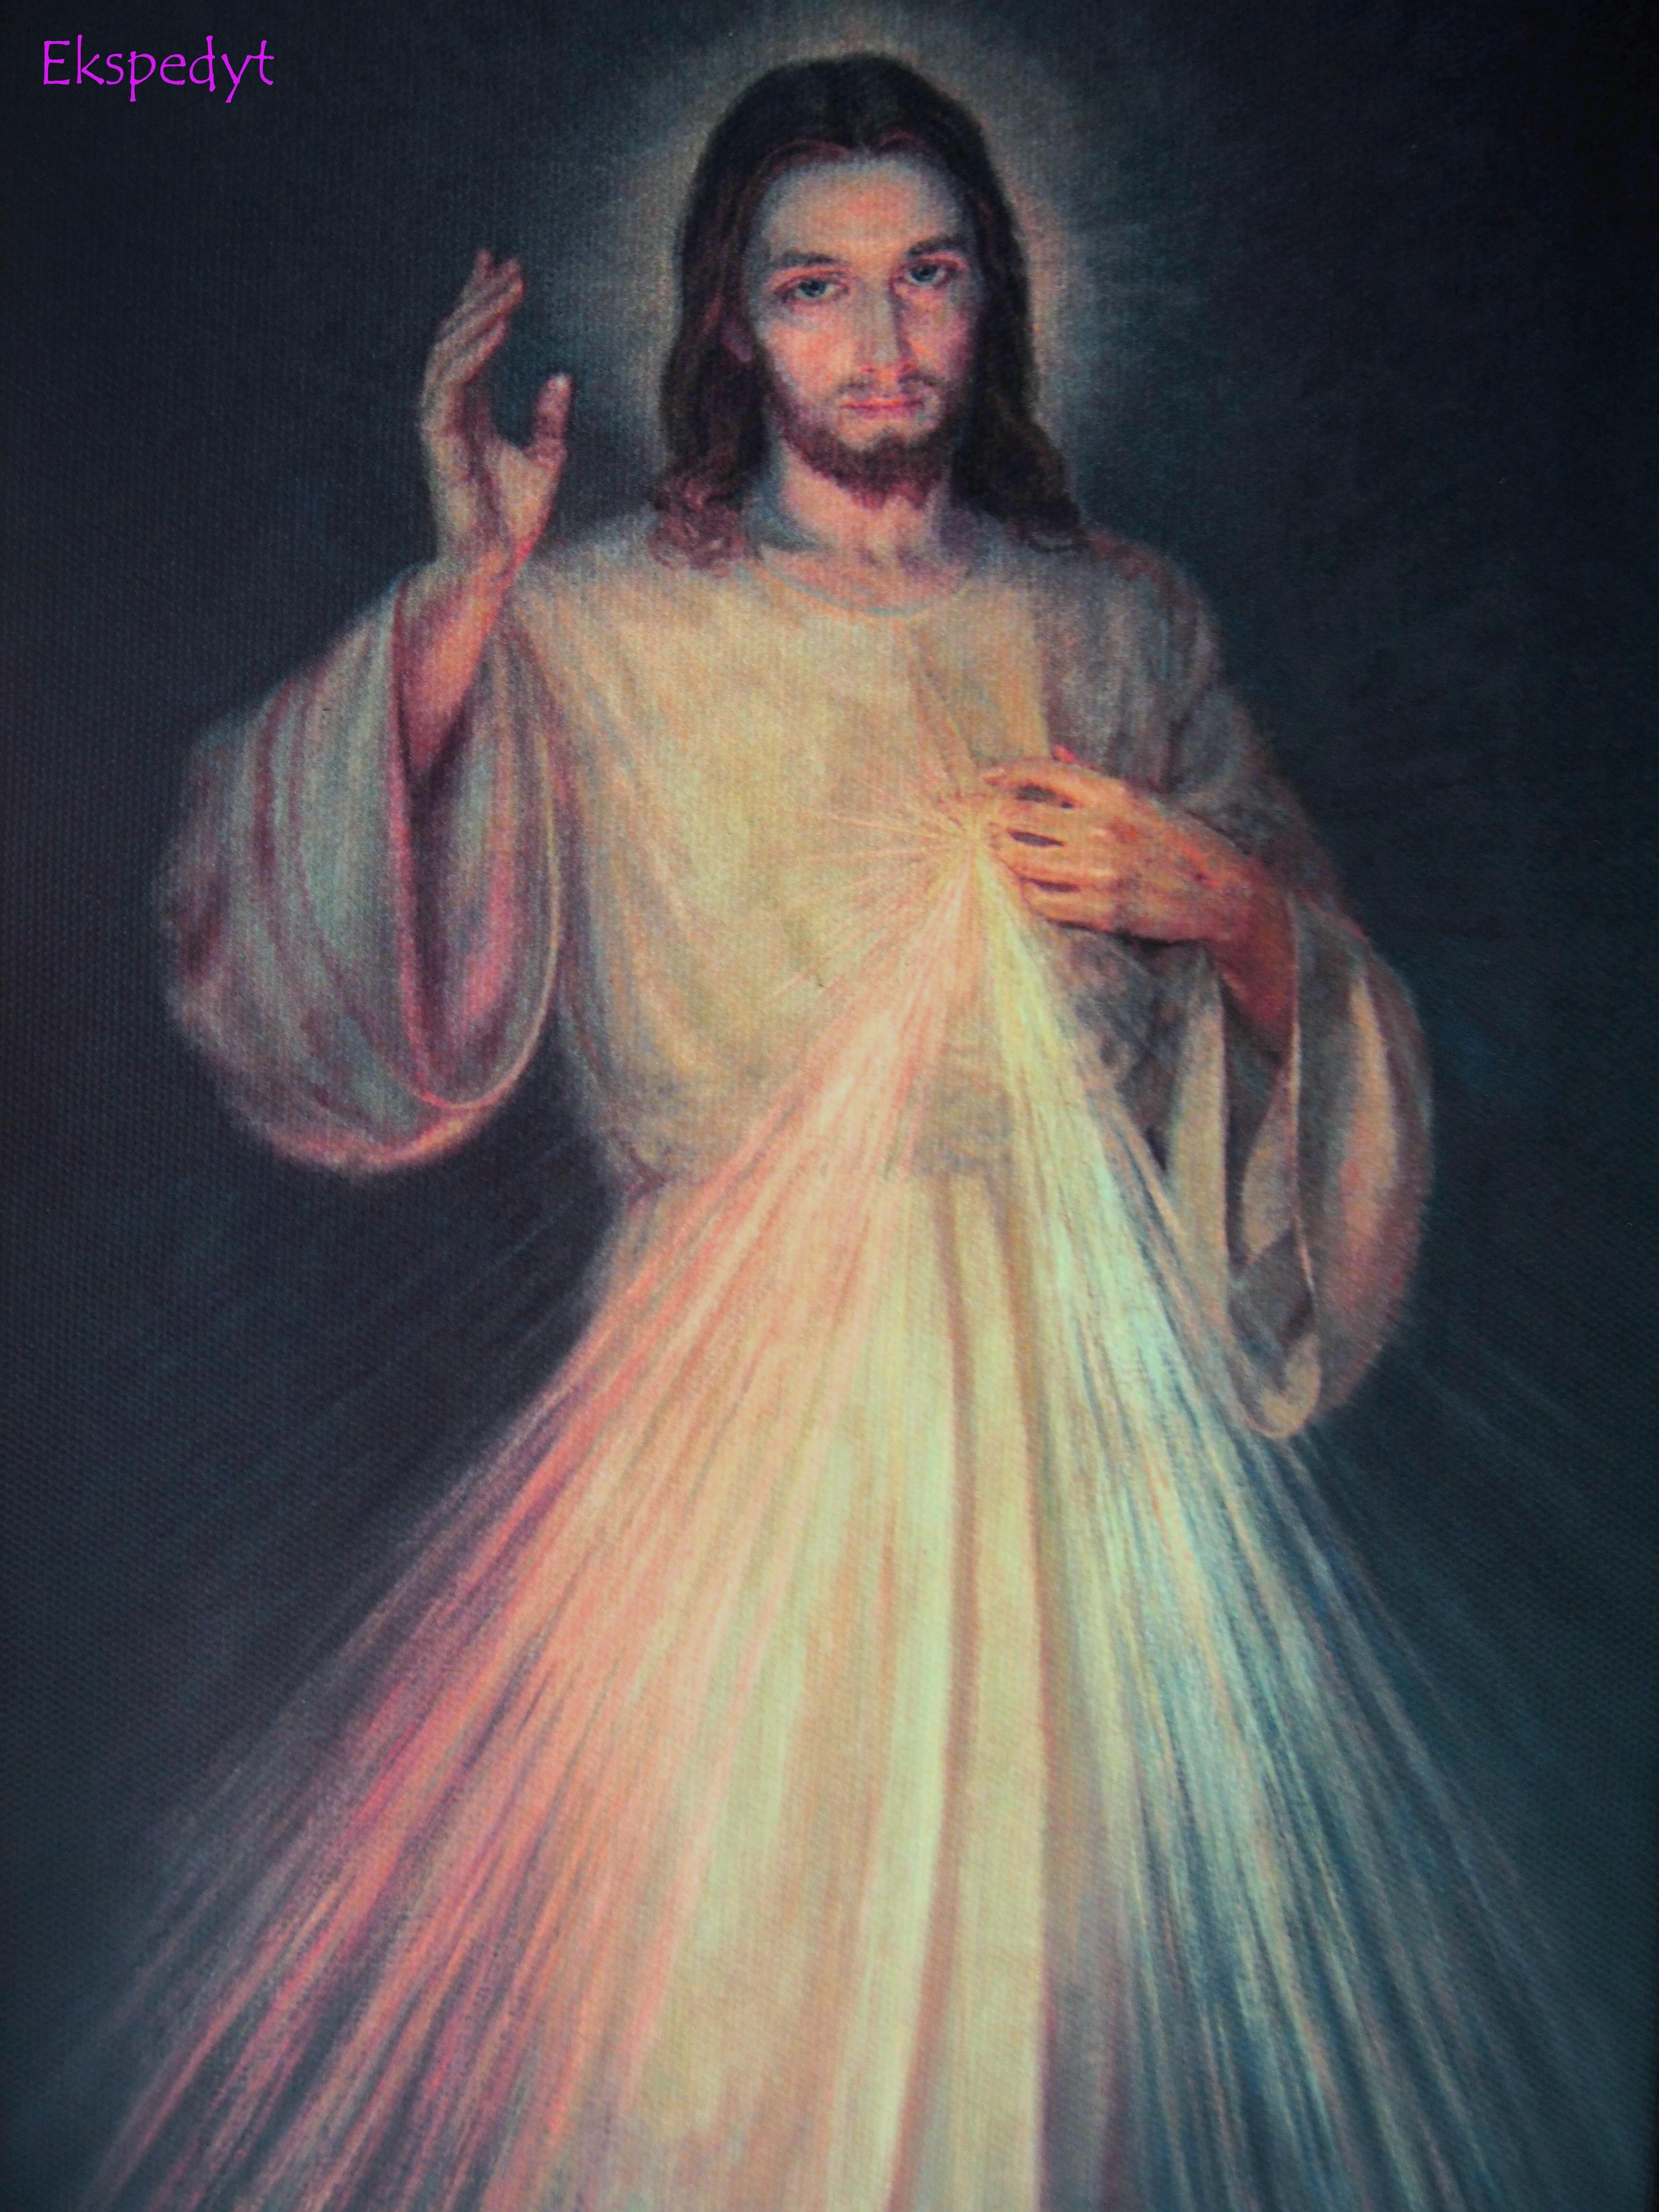 Obraz Jezu Ufam Tobie Ekspedyt